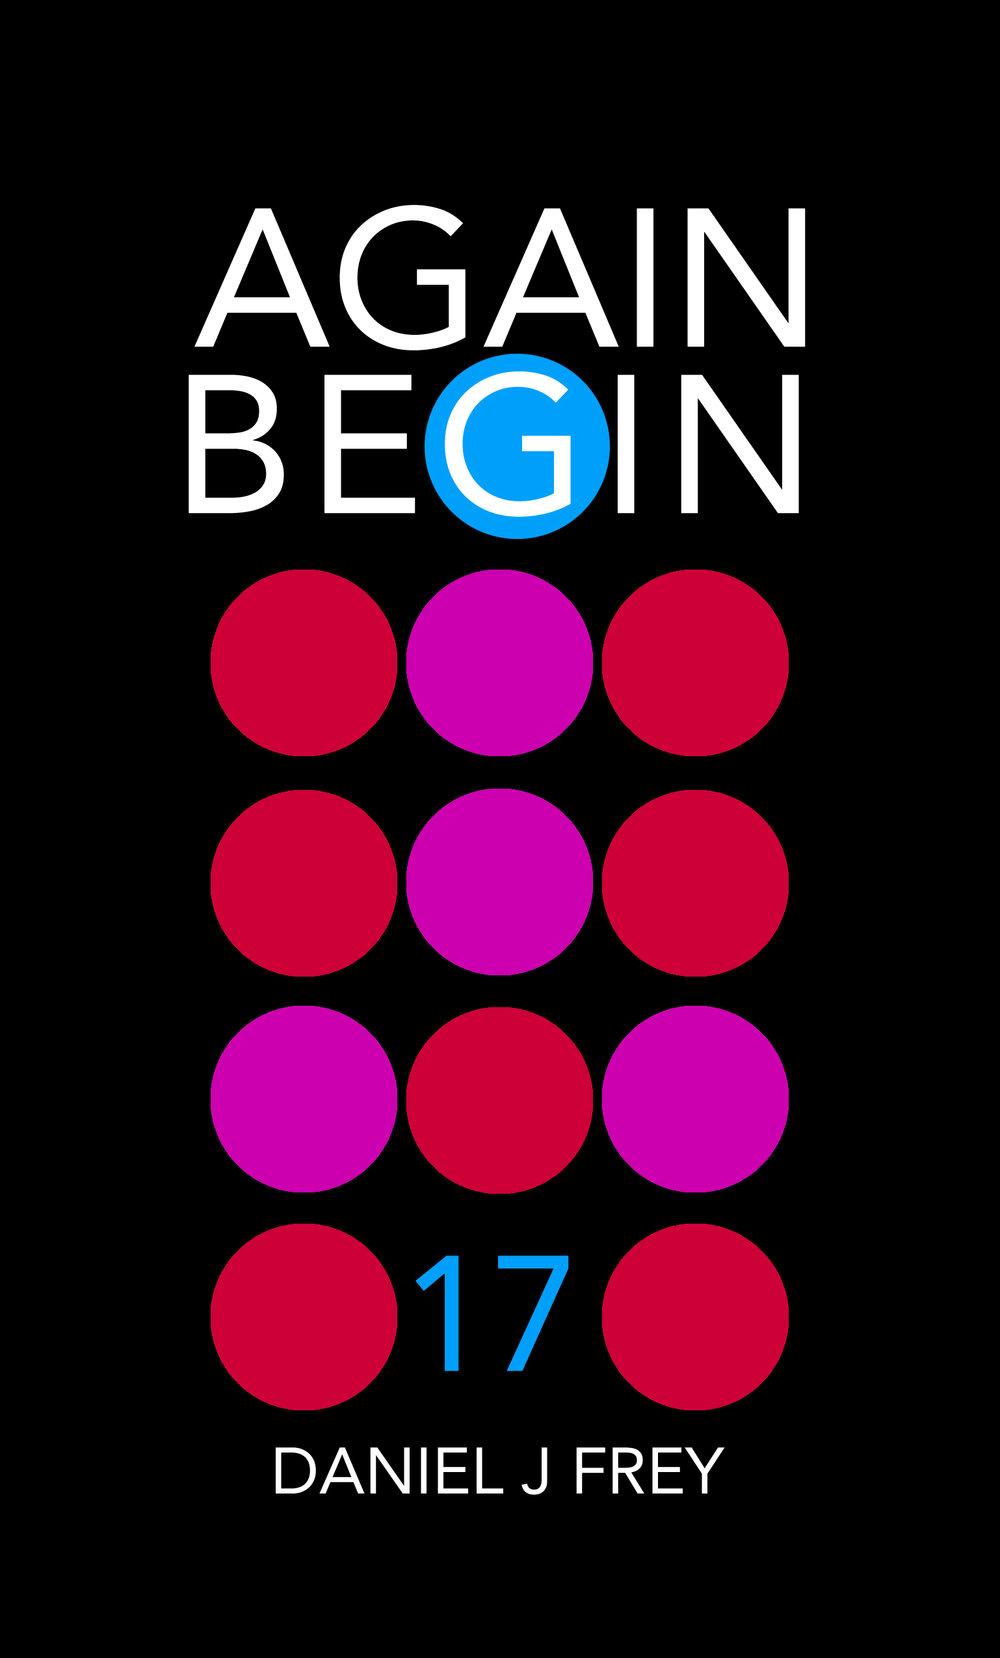 Again Begin 17 - The Work